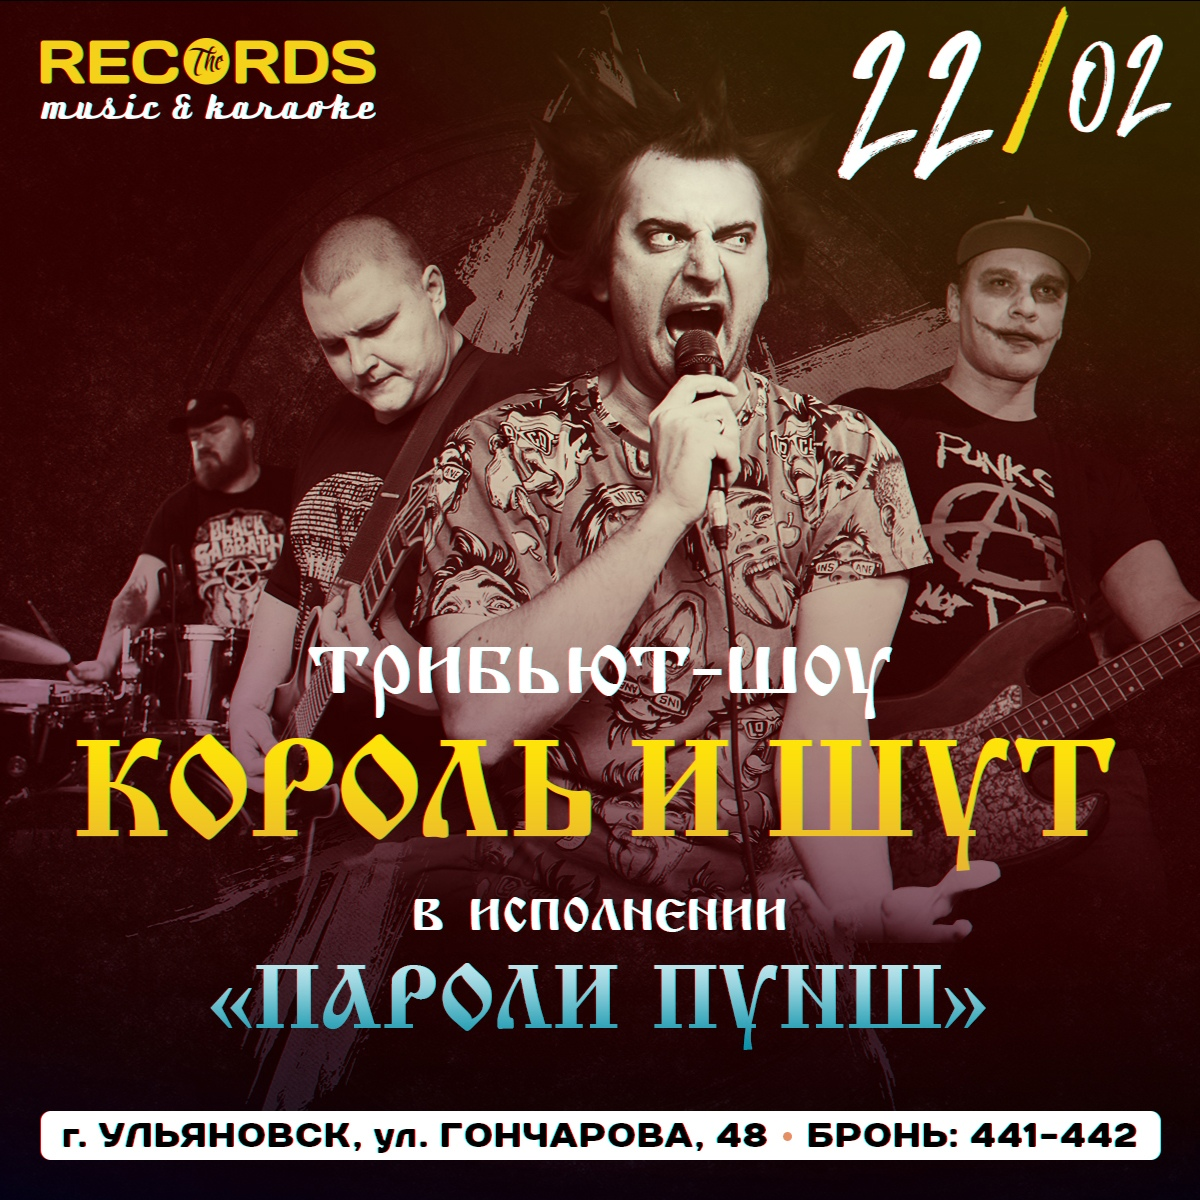 Трибьют-шоу на группу «Король и Шут» @ бар  Records (ул. Гончарова 48)